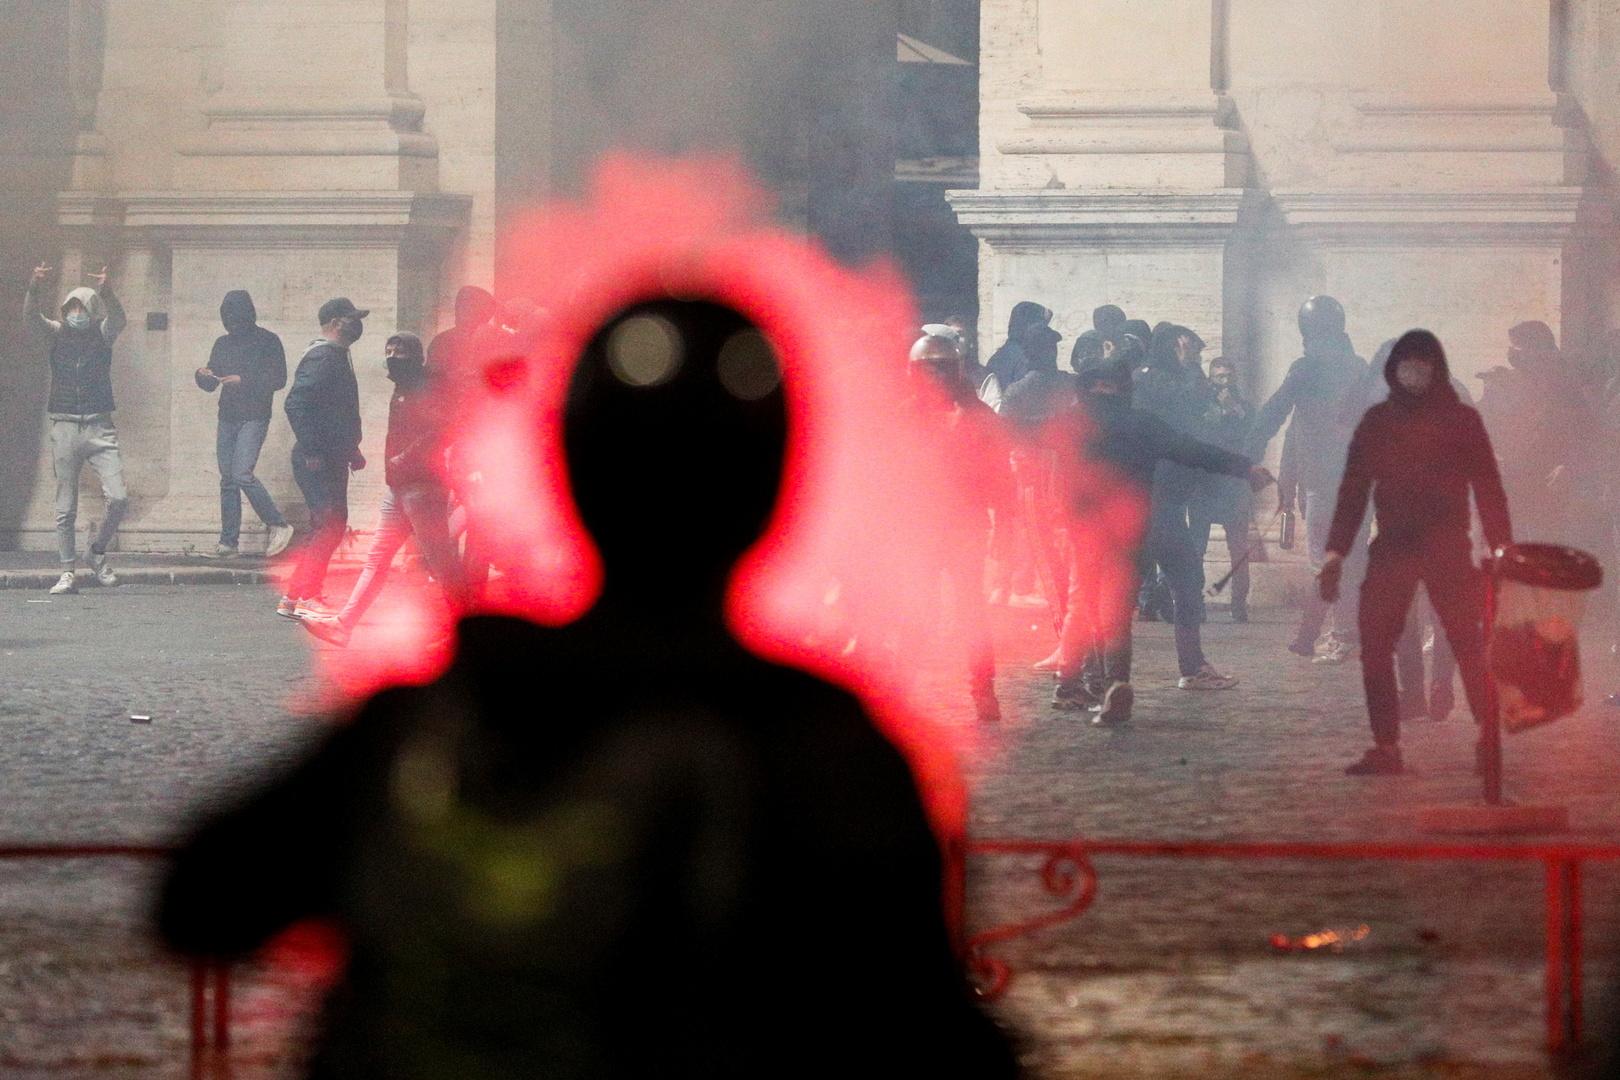 كورونا... عالم أوبئة إيطالي يعلن رفضه فكرة إغلاق بعض المدن الكبرى